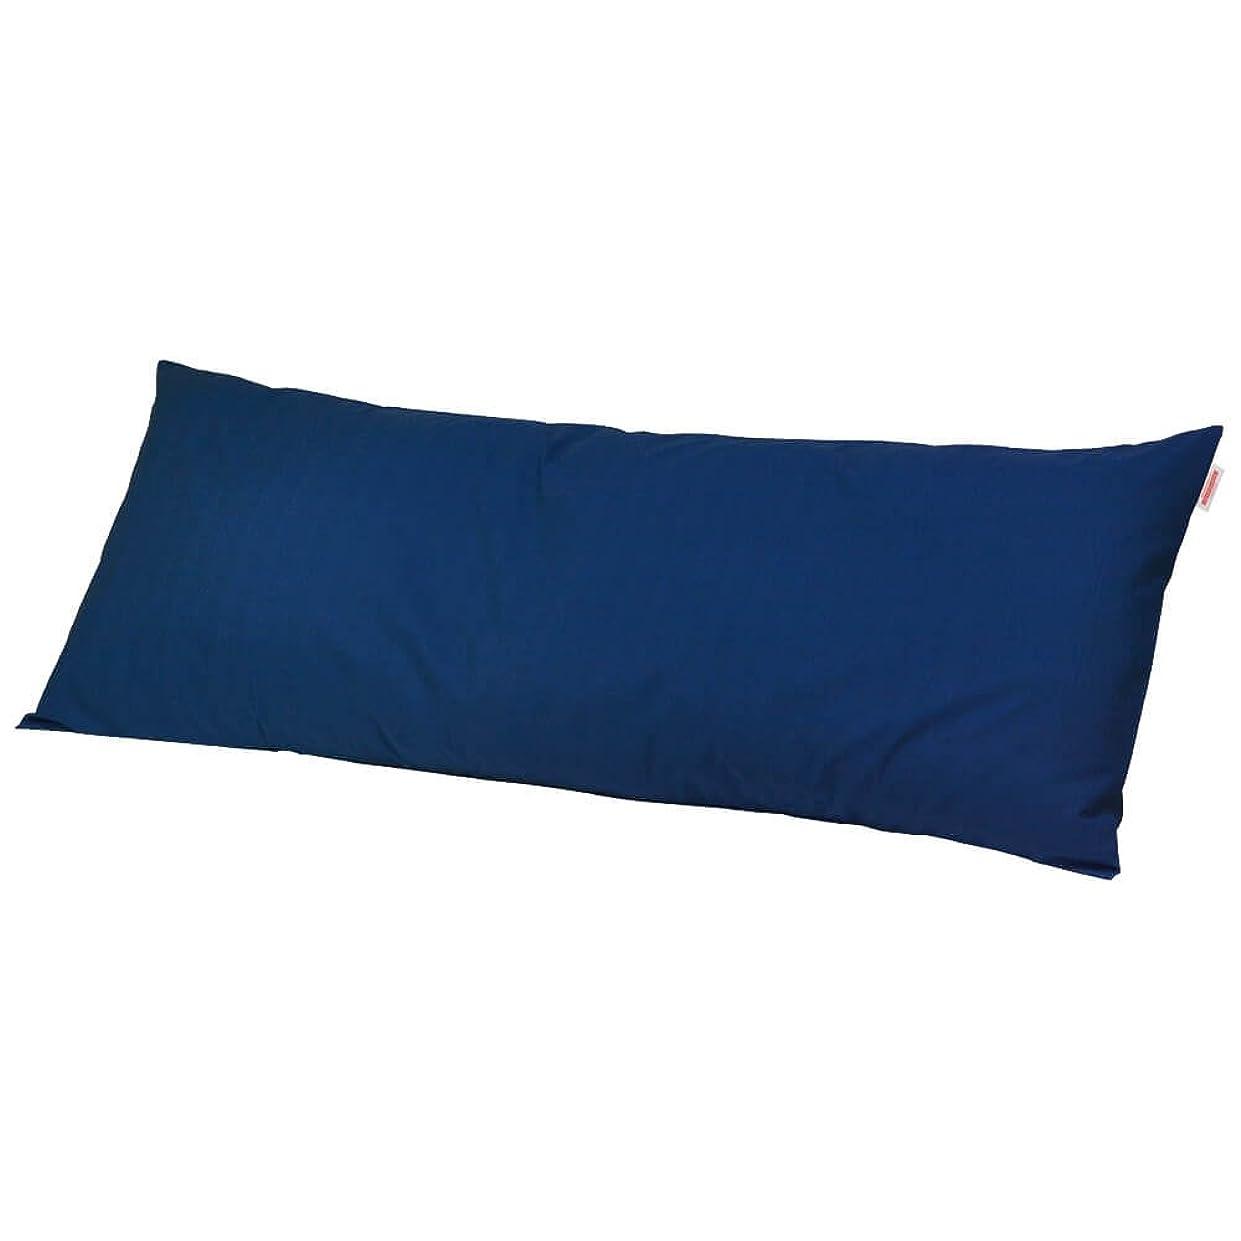 野ウサギ入浴ガジュマル枕カバー 60×170cmの枕用 紬クロス ファスナー式 ステッチ仕上げ 日本製 枕 綿 ブルー